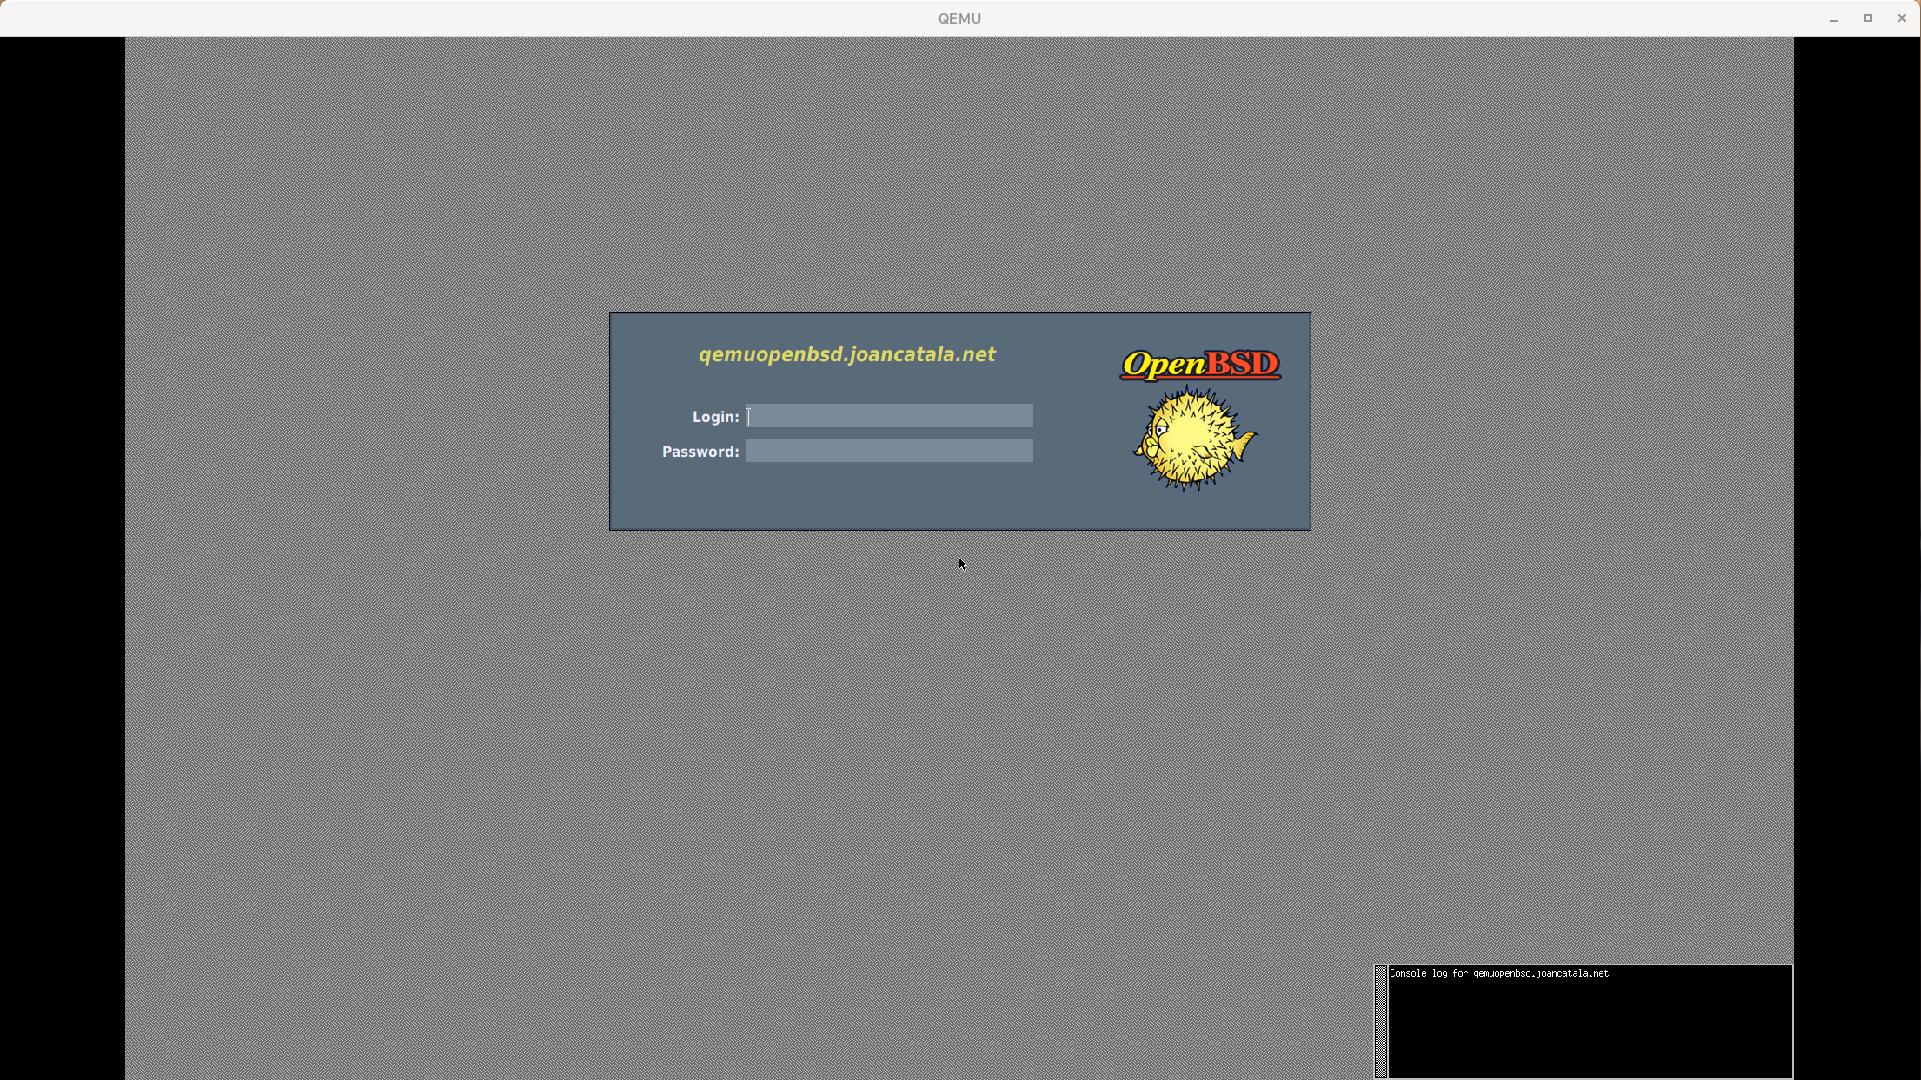 Virtualització d'OpenBSD 6.9 amb qemu